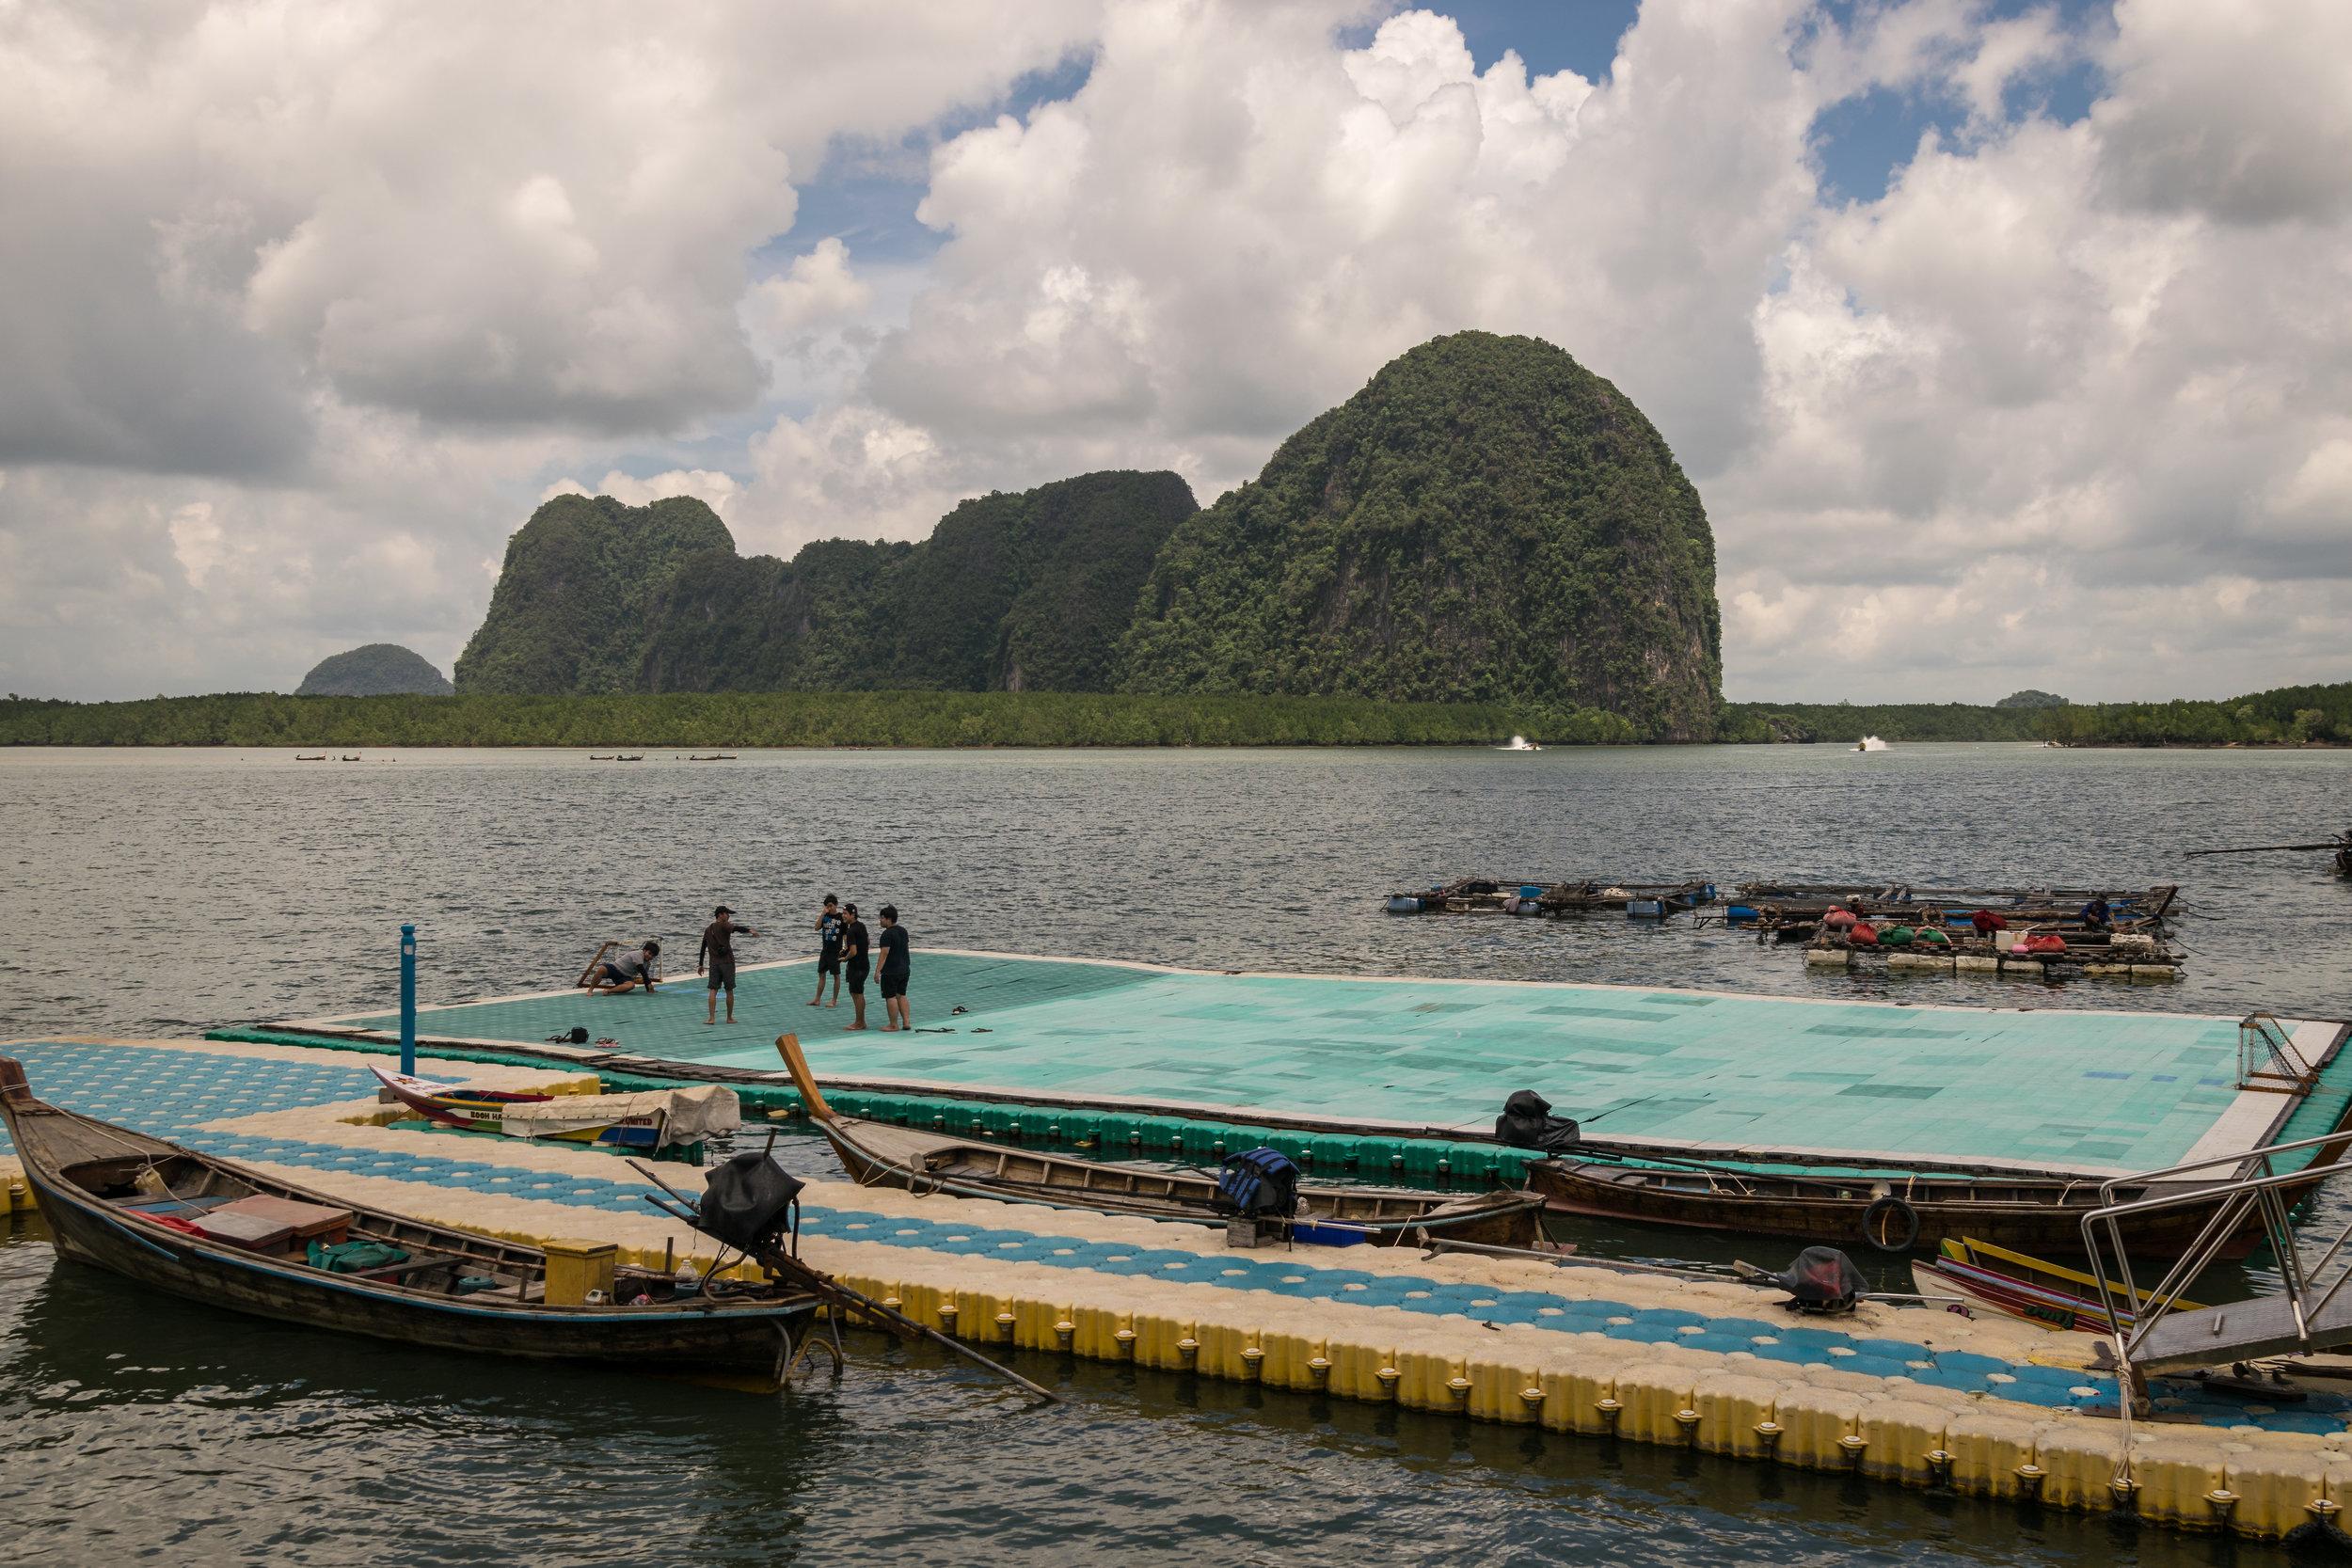 floating soccer field